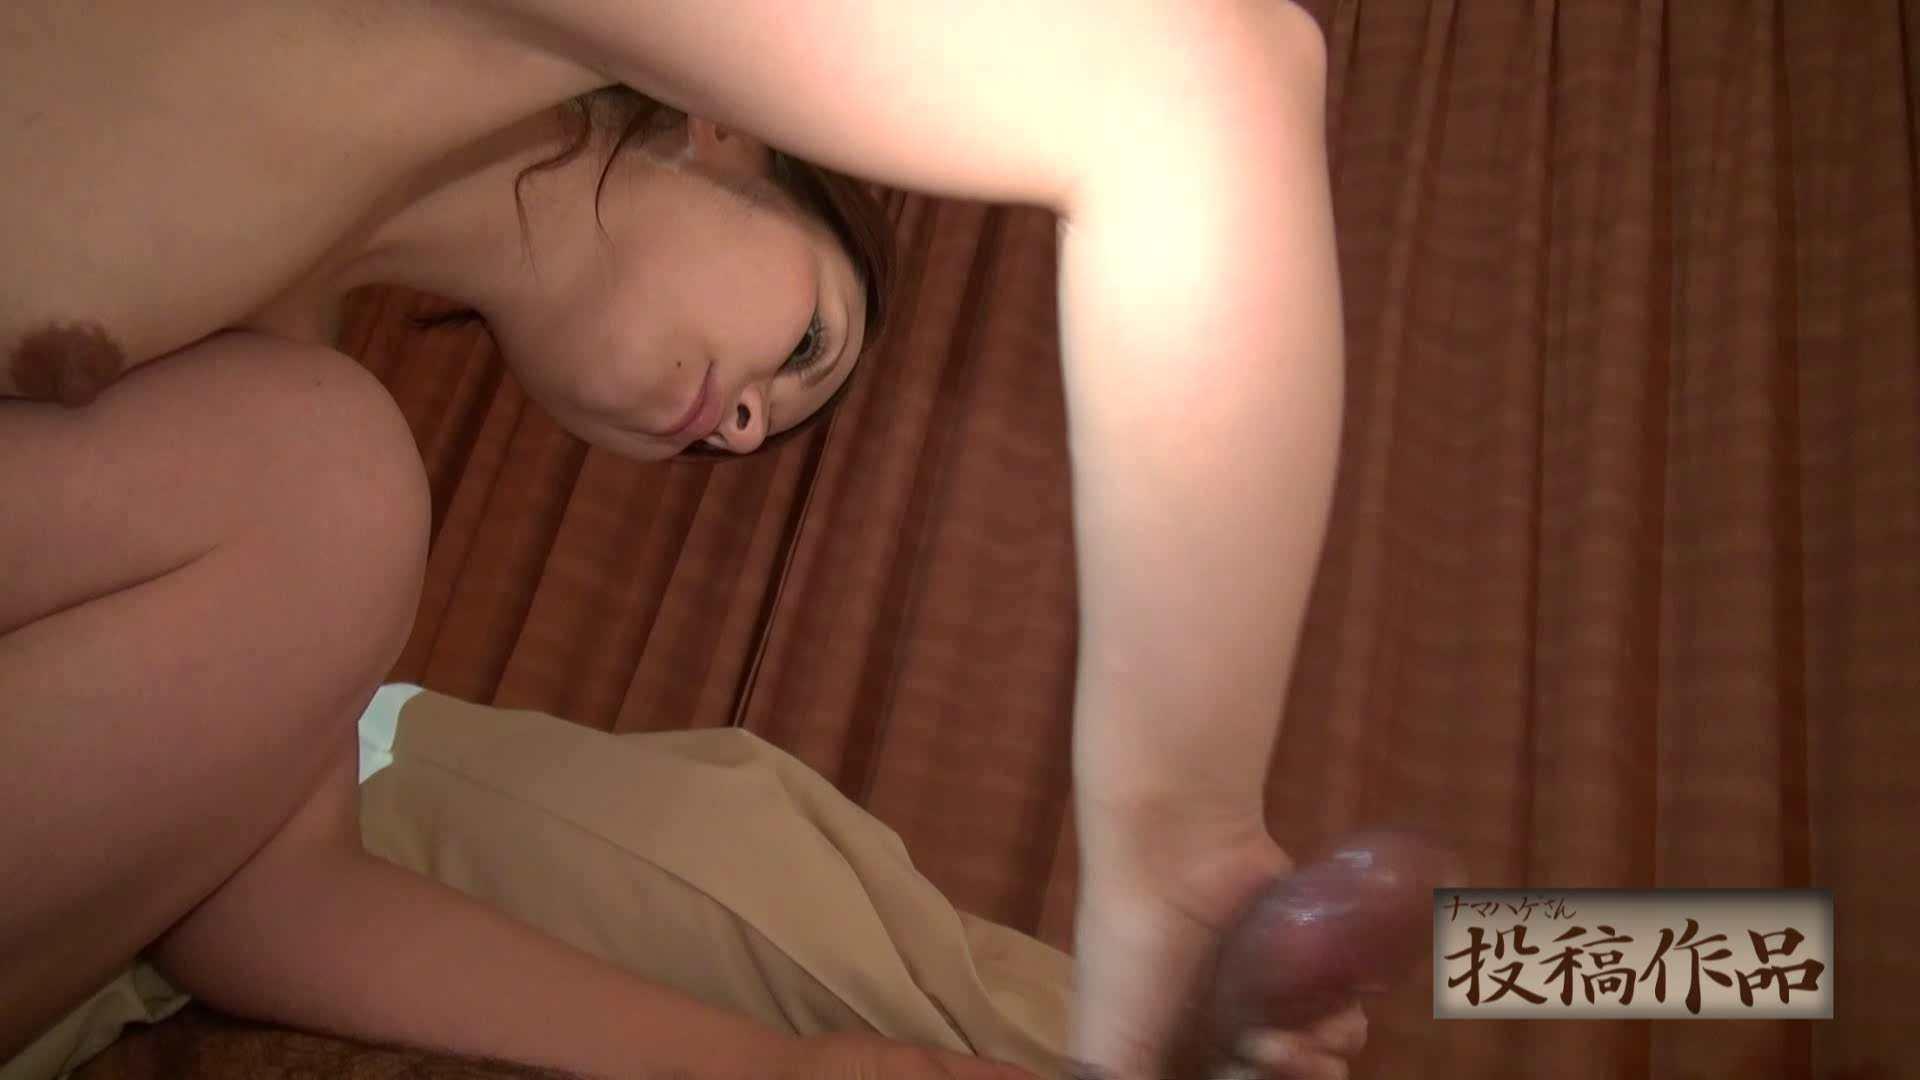 ナマハゲさんのまんこコレクション第二章 mizuhovol.2 OL裸体 | 一般投稿  77画像 43